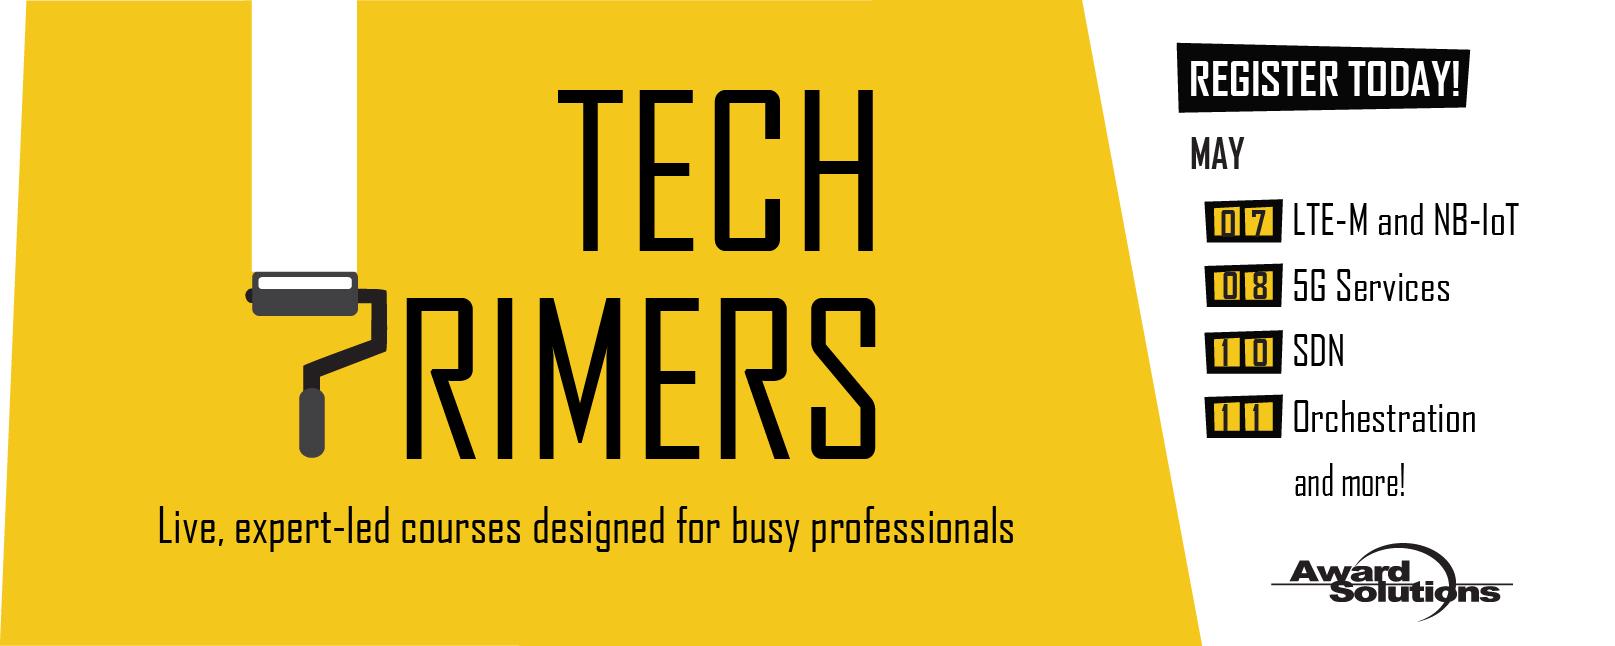 Tech Primers Americas May 2018 Website 775 x 310-01.jpg